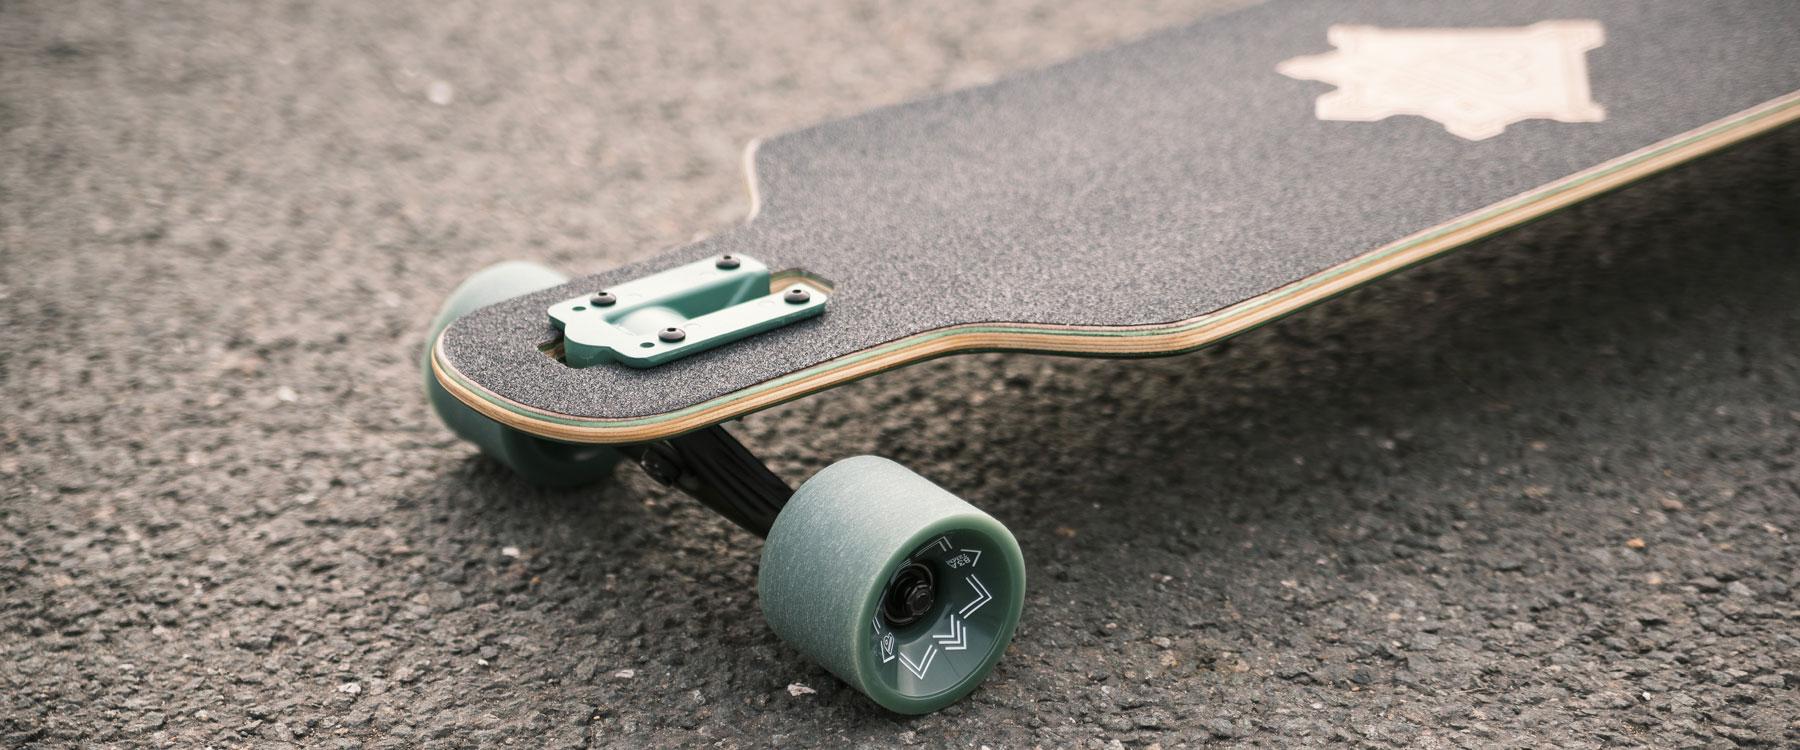 Skate_Lo